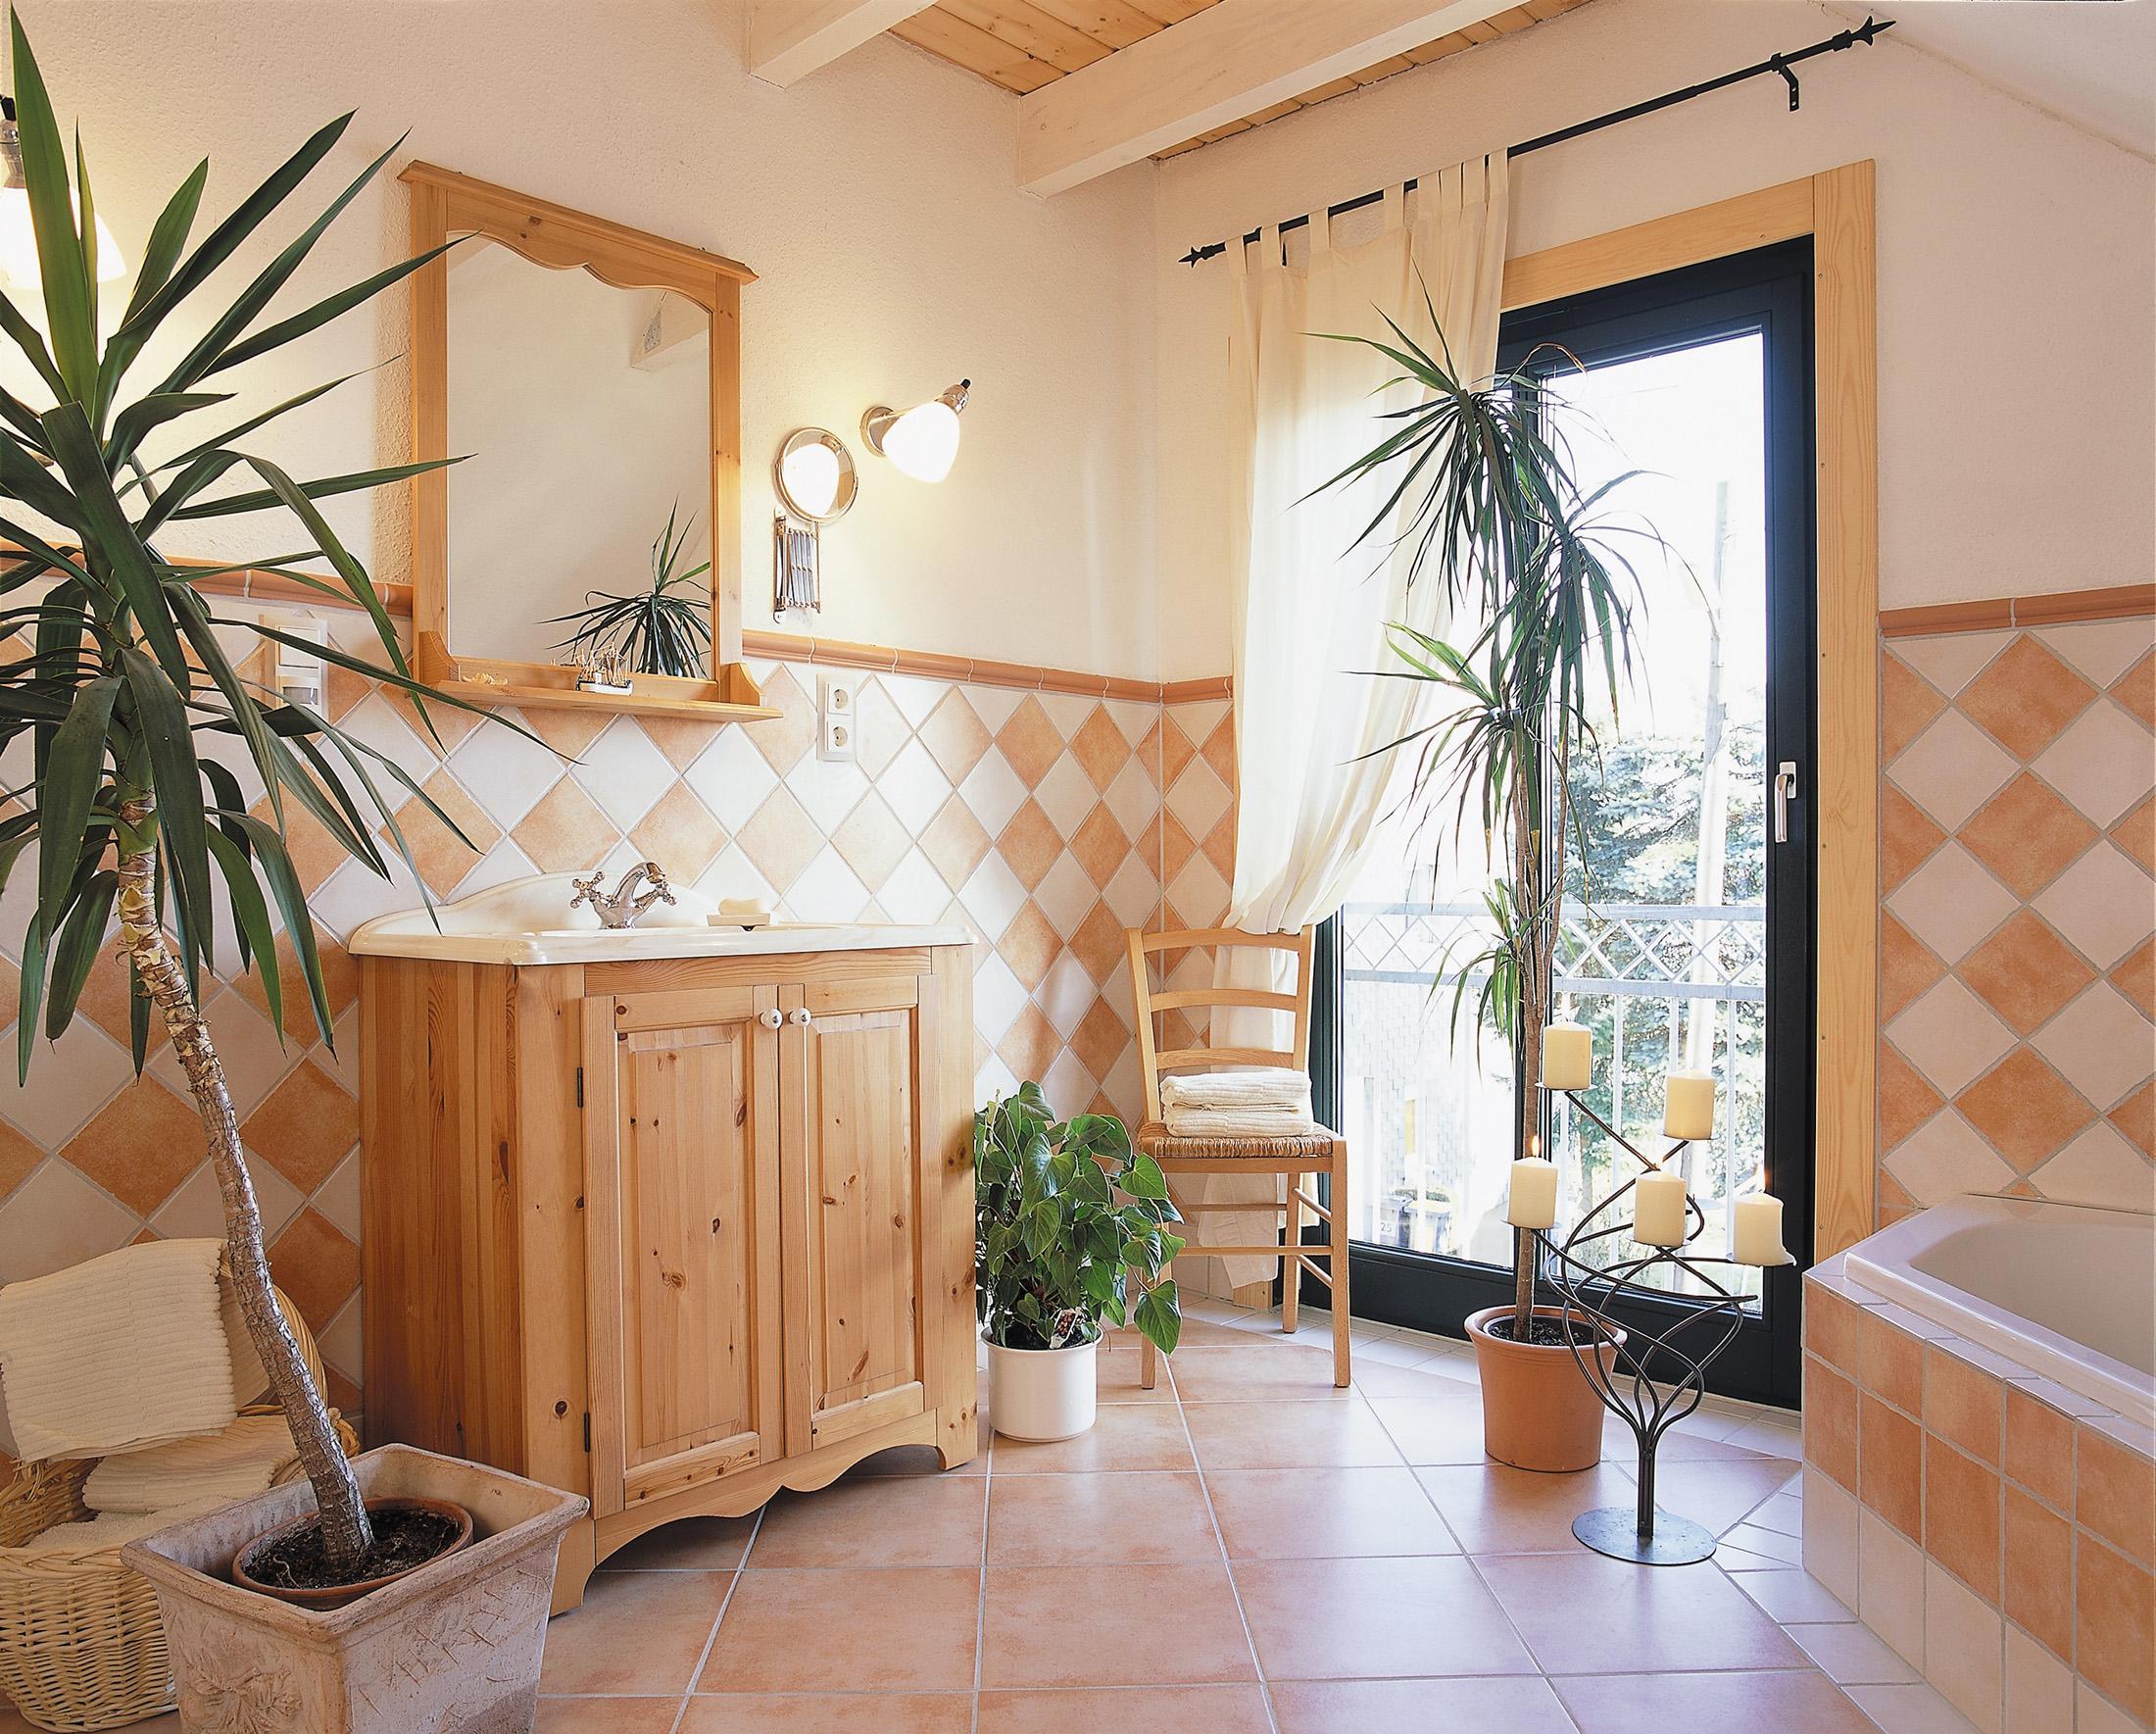 Mediterrane Fliesen #stuhl #balkontür #fliesen #badewanne  #badezimmerspiegel #spiegel #holzhaus